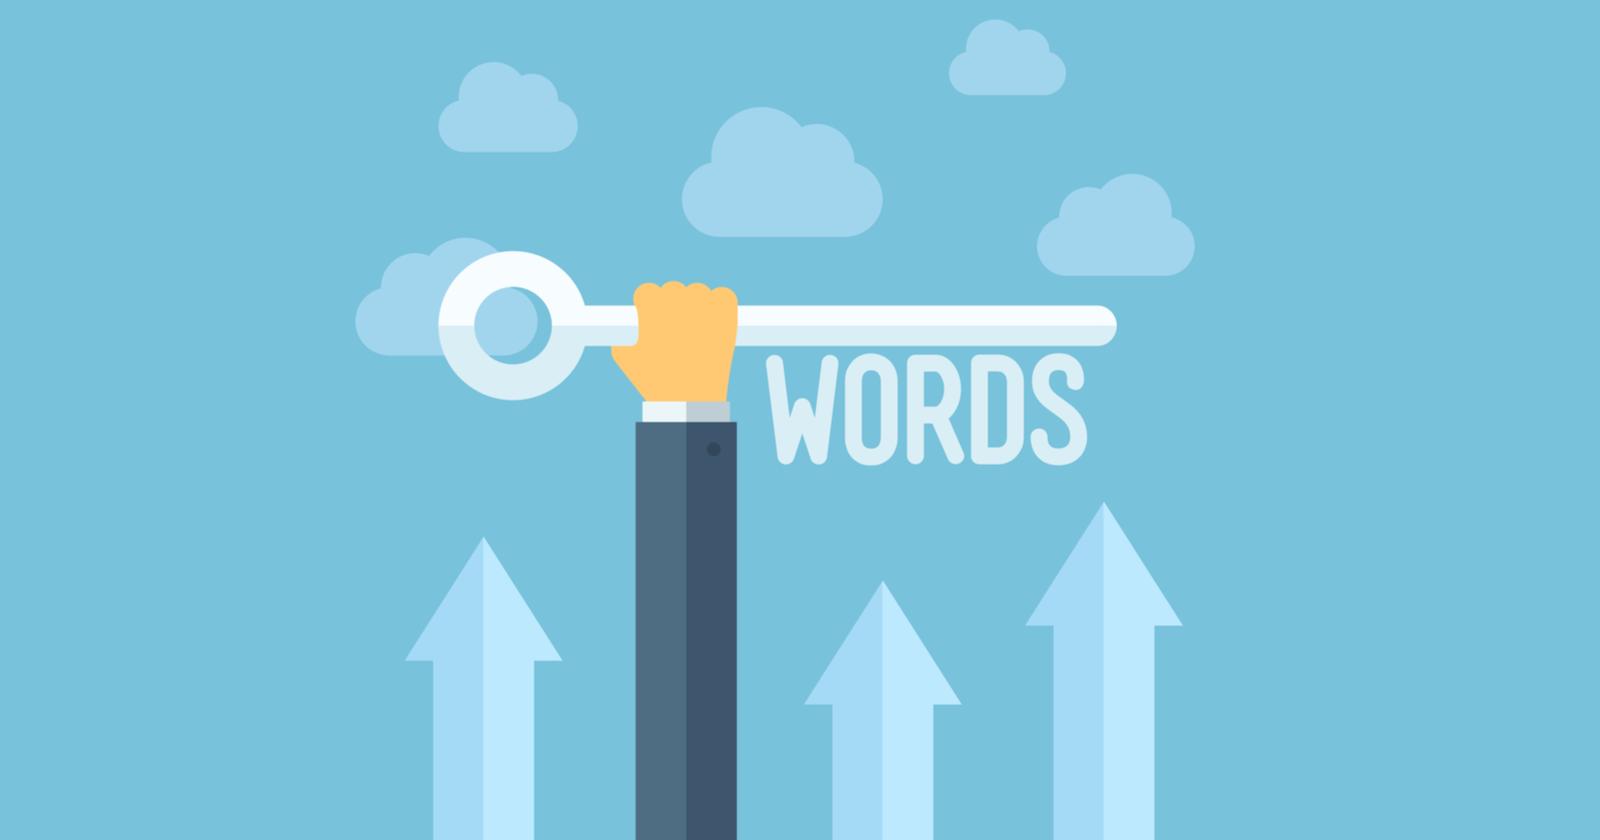 Comment améliorer votre classement par mots clés dans Google